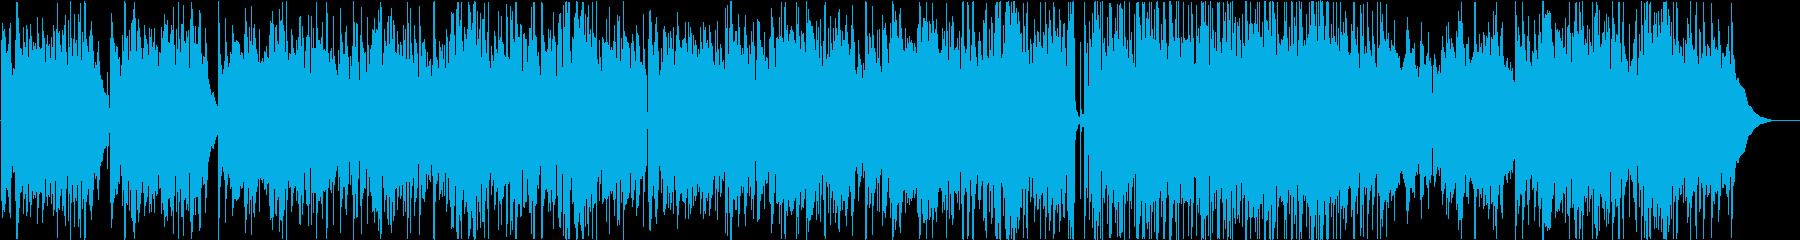 代替案 ポップ ブルース ゆっくり...の再生済みの波形